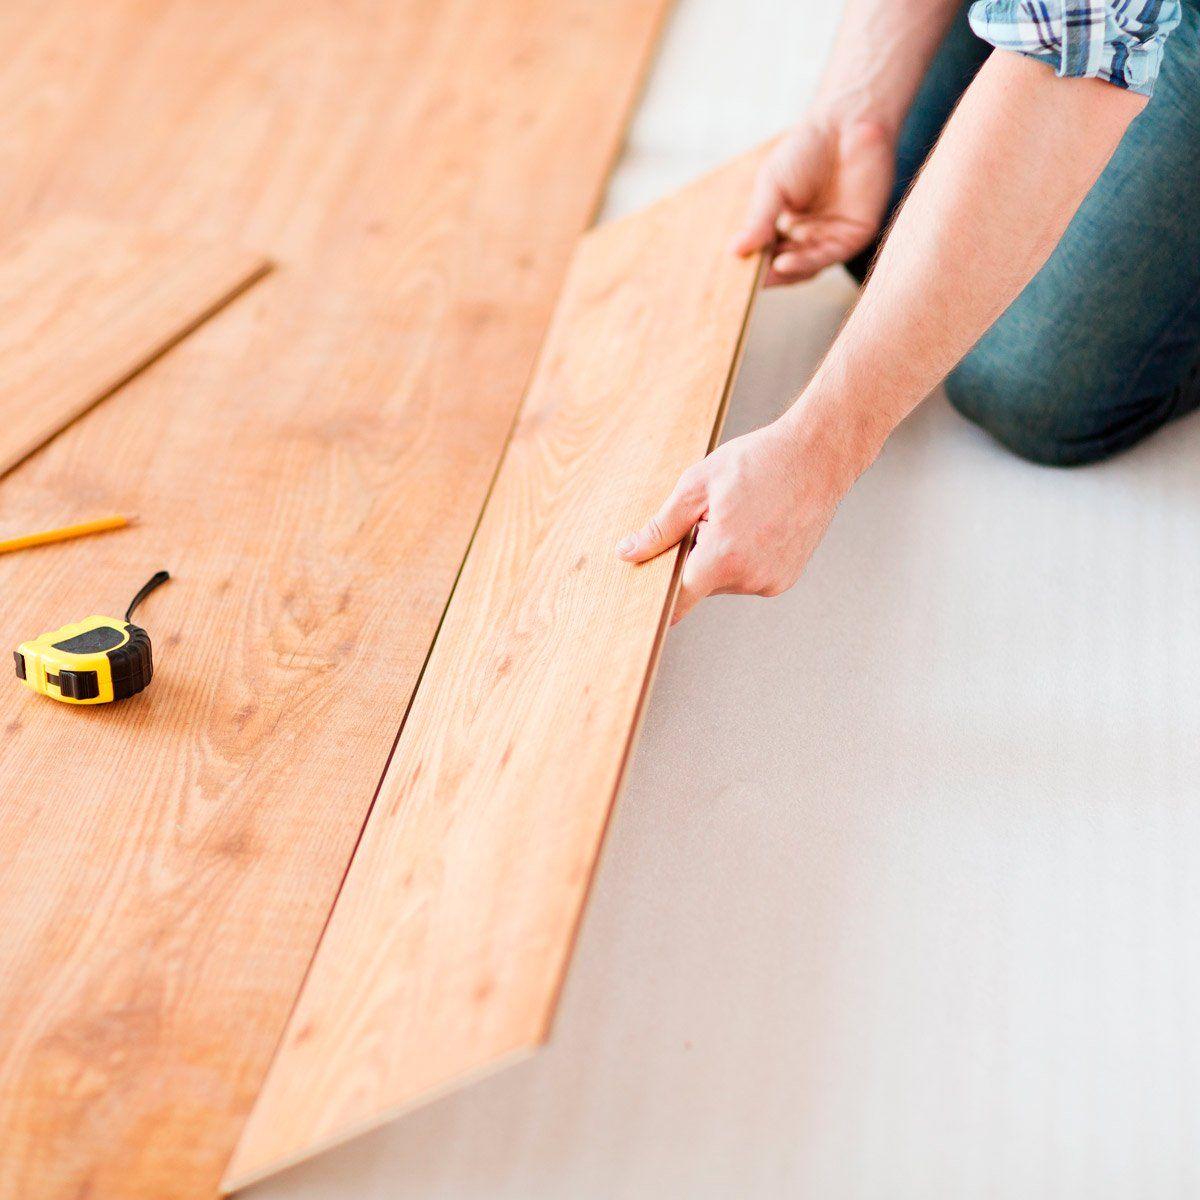 This Is The Absolute Best Flooring For Increasing Home Value Best Flooring Ceramic Floor Tiles Tile Floor